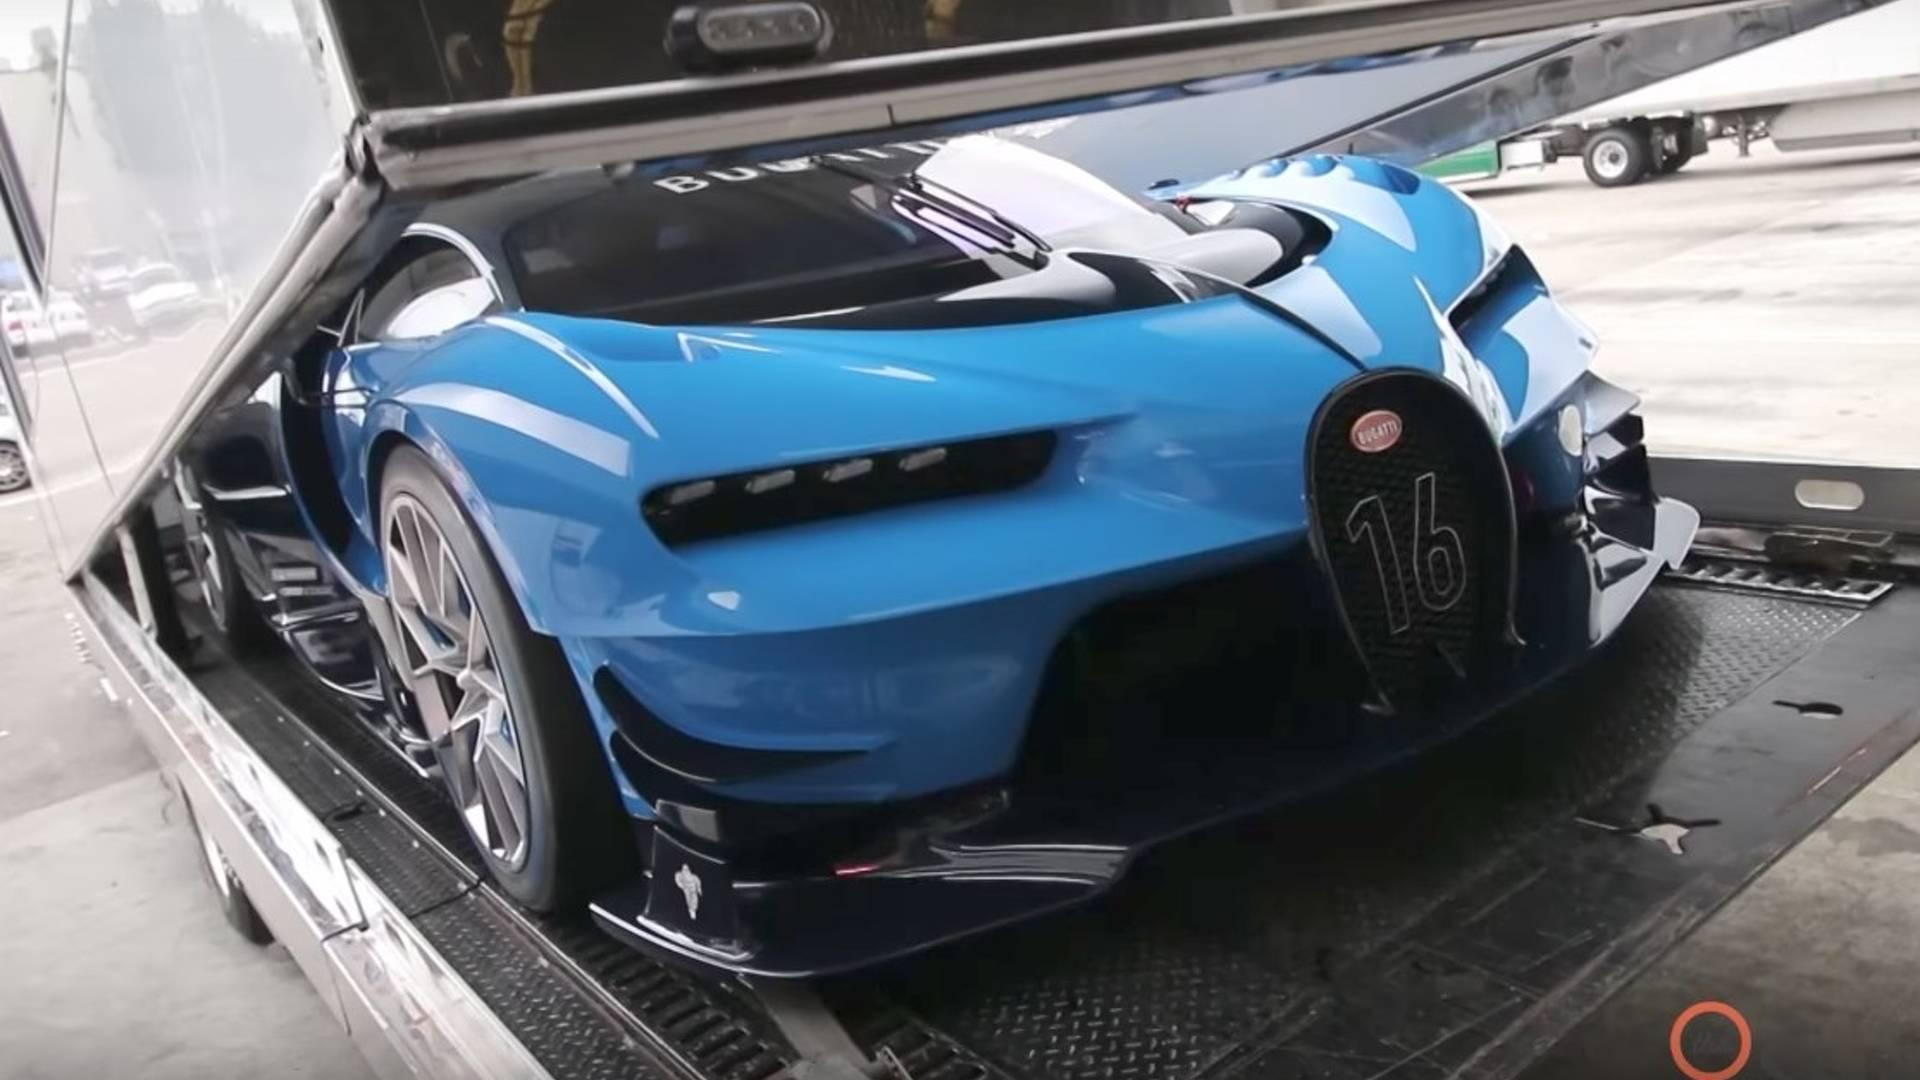 Bugatti Vision Gt Price >> Set Of Spare Tires For The Bugatti Vision Gt Cost 93 000